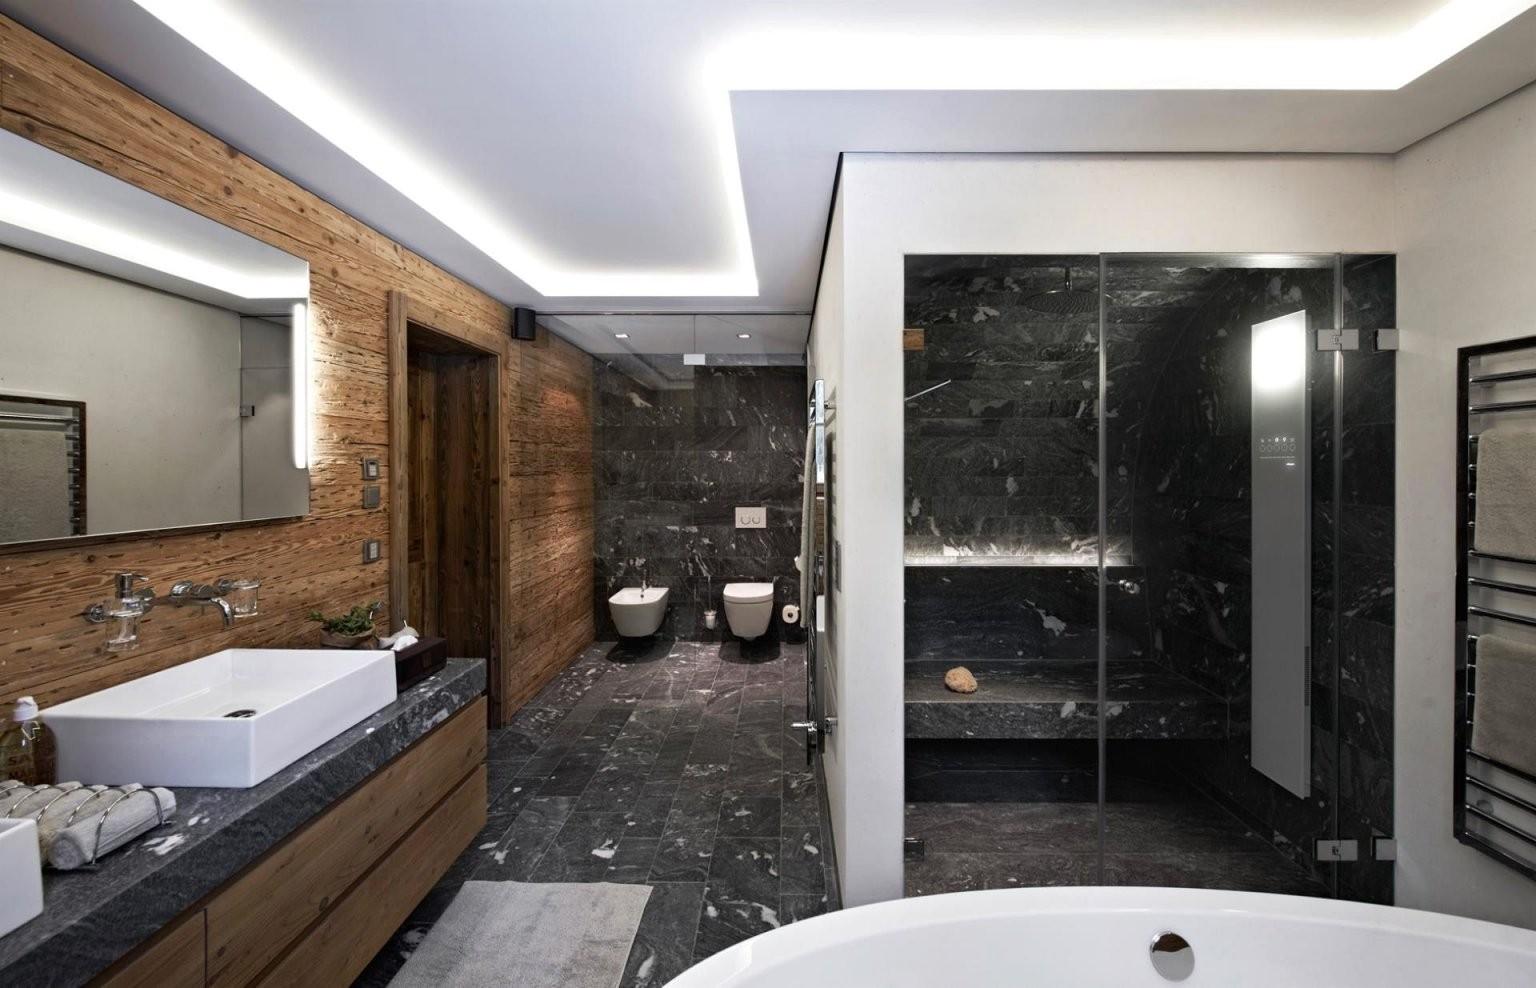 Schockierend Badezimmer Rustikal Und Trotzdem Cool Auf Moderne Ideen von Badezimmer Rustikal Und Trotzdem Cool Bild